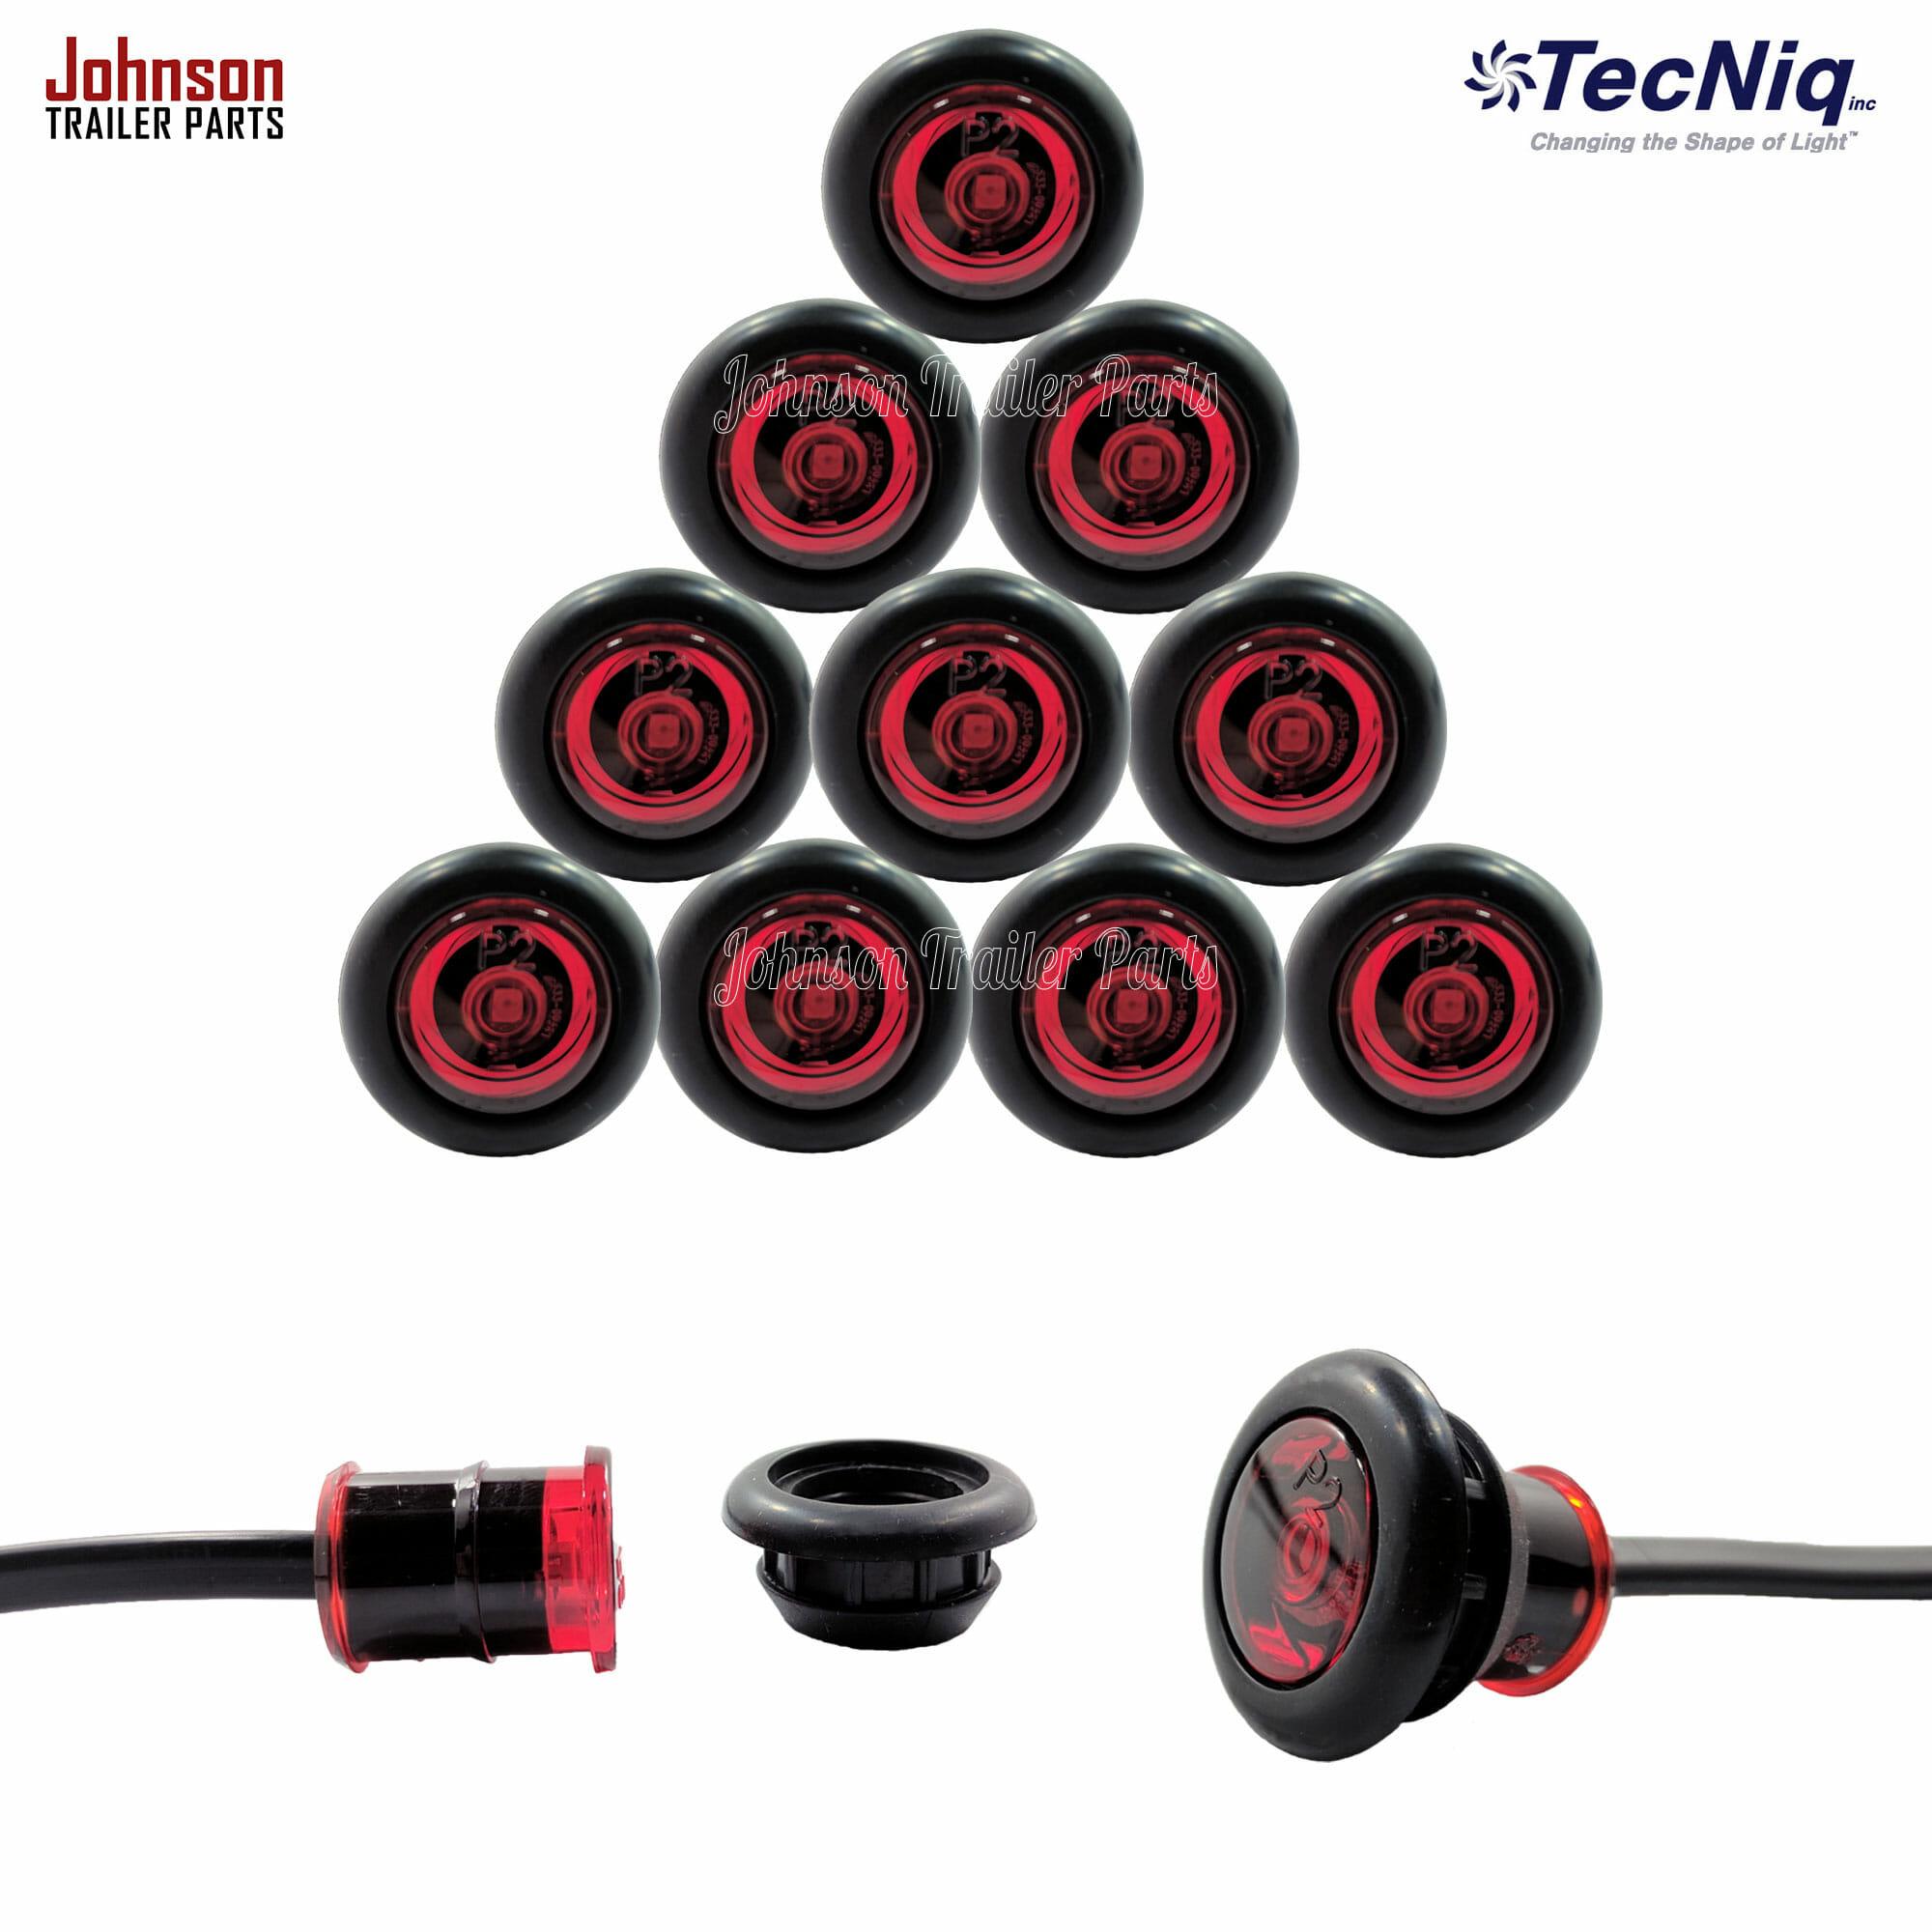 Best Rated Led Shop Lights: 3/4″ Red Side Marker LED Lights (P2 Rated